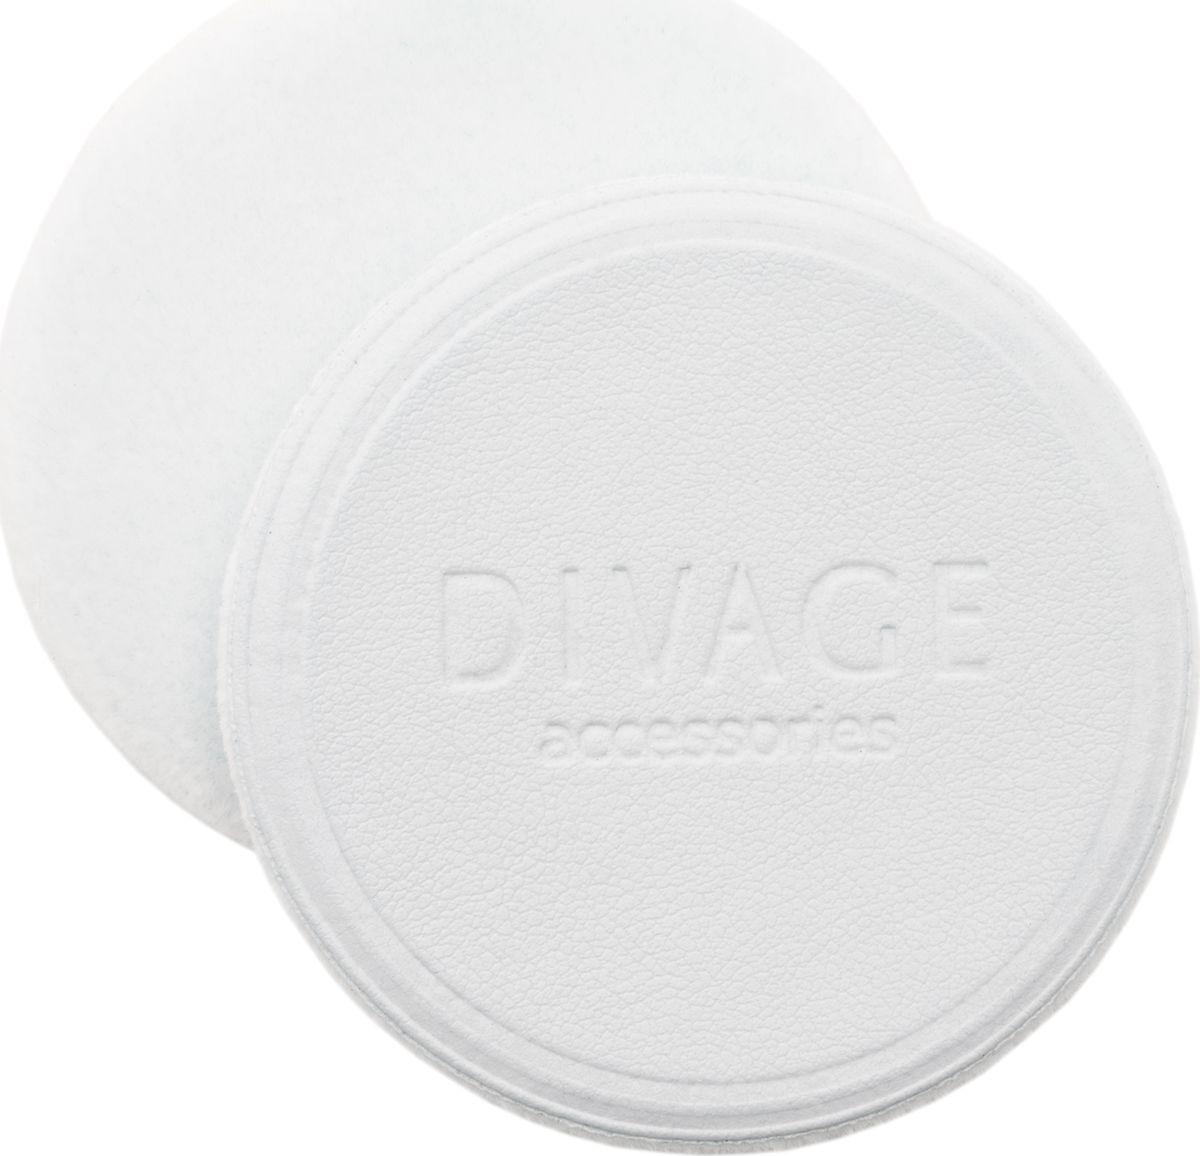 Divage Accessories - Спонж для пудры круглый, белый d60 мм1301210Ультра мягкий флоковый спонж для нанесения и смешивания румян, а также для компактной или рассыпчатой пудры изготовлен из высококачественного микроволокна. Превращает процесс нанесения макияжа в удовольствие. Стильный дизайн и противоскользящая лицевая поверхность из искусственной кожи для наибольшего удобства в использовании. Имеет стандартный размер, подходящий для большинства пудрениц. СОВЕТ ОТ DIVAGE: Содержи флоковый спонж в чистоте. После применения тщательно промой теплой водой с мылом, бережно отожми, распрями и просуши для дальнейшего применения.